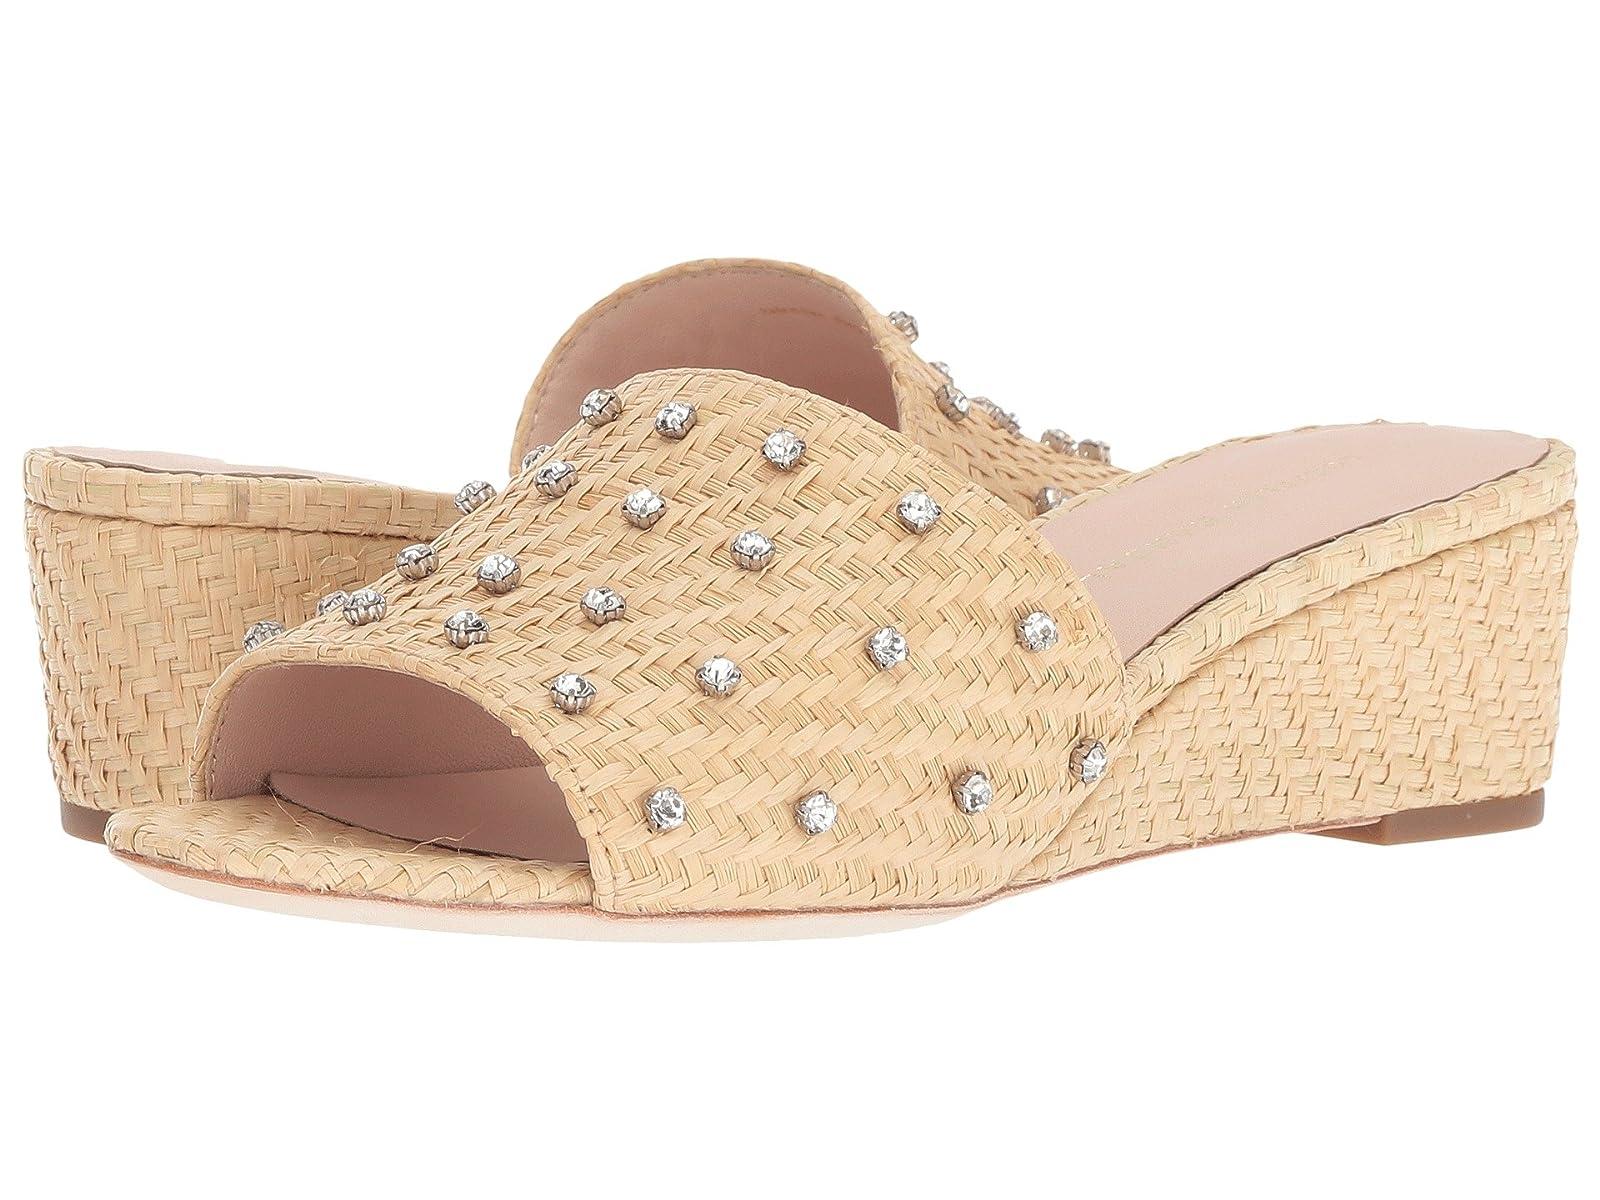 Loeffler Randall TillyAtmospheric grades have affordable shoes